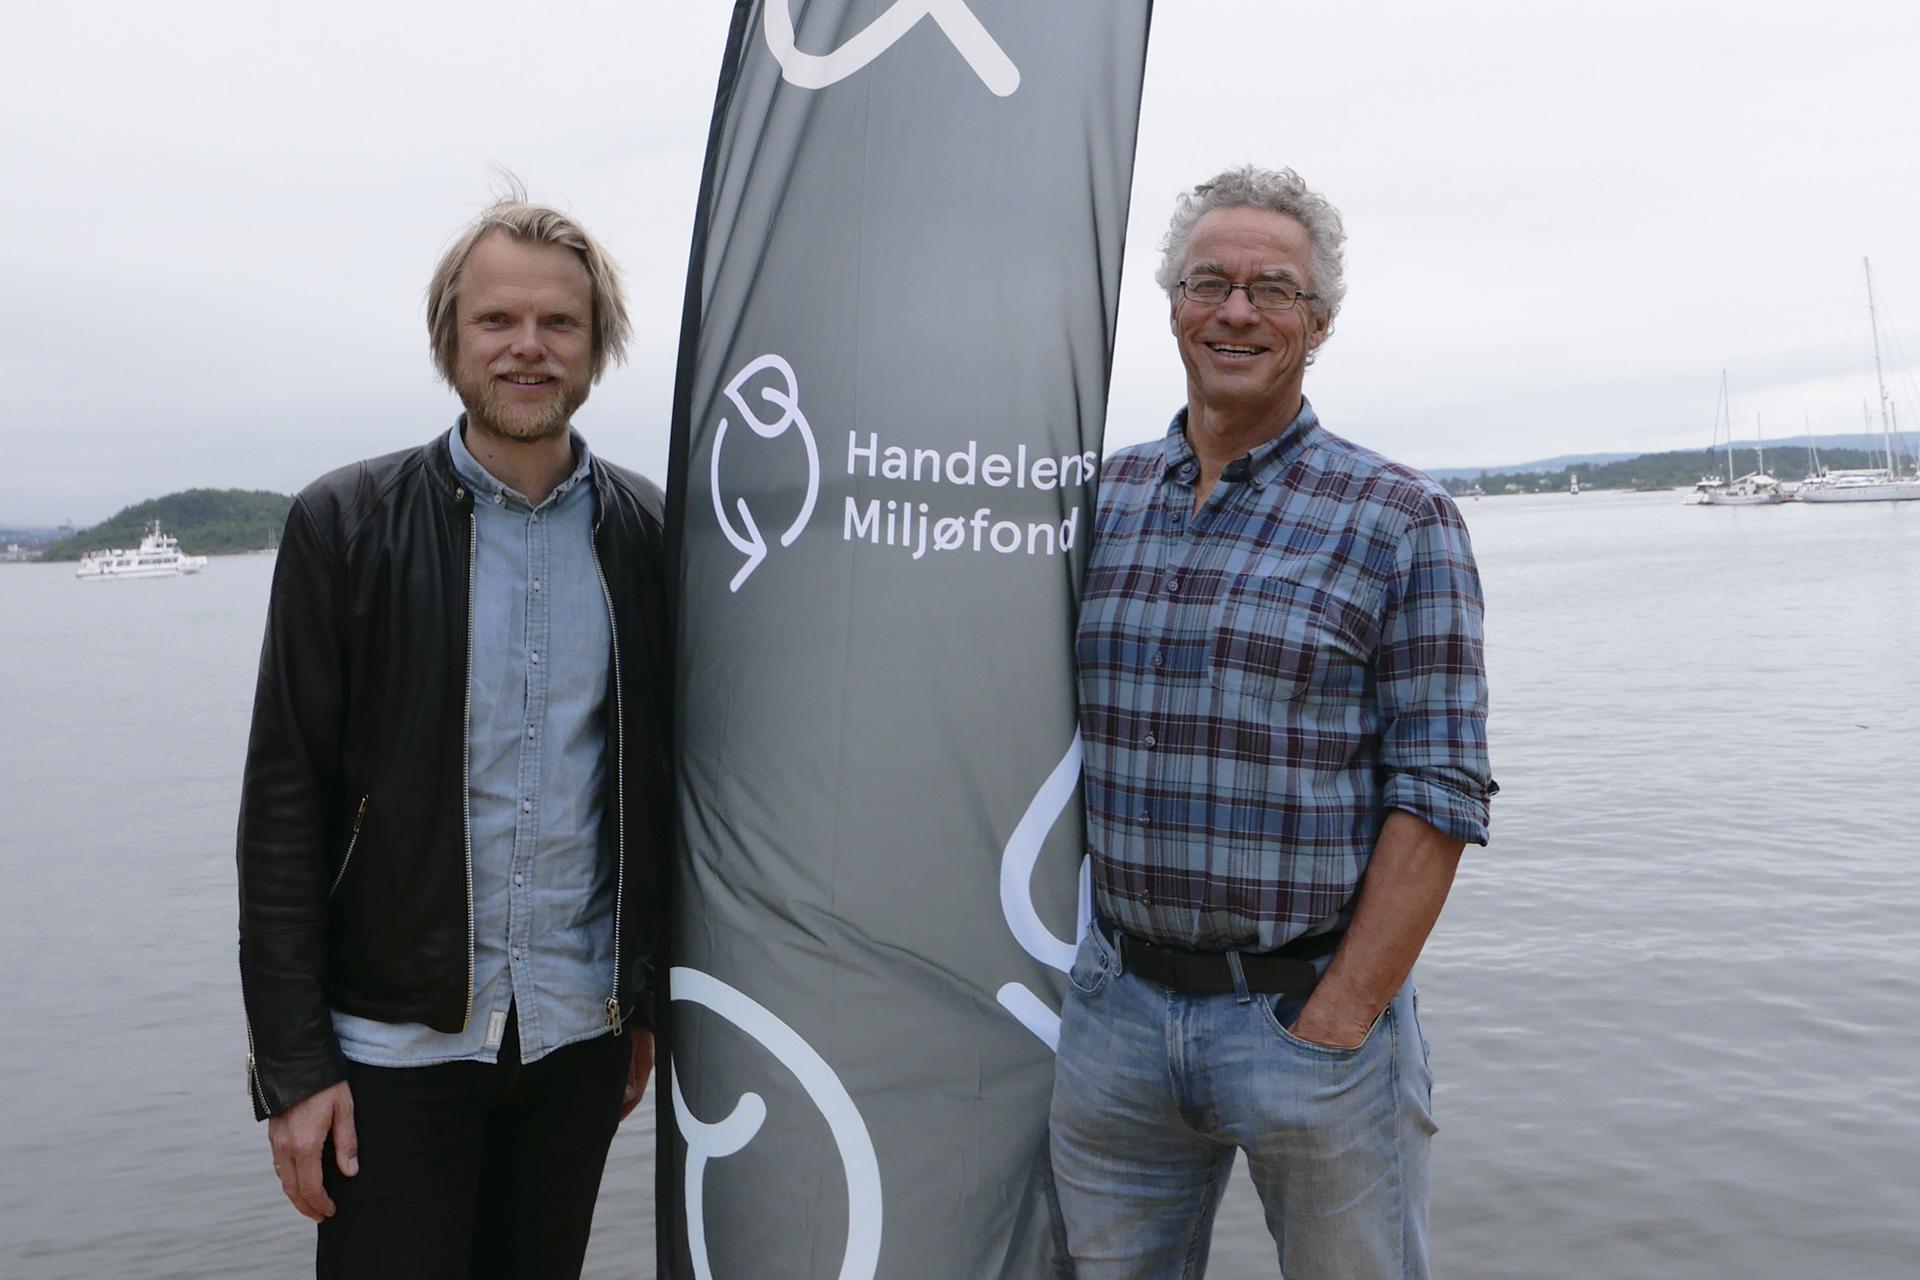 Rasmus Hansson i Handelens Miljøfond og Lars Berg Giskeødegård i Momentium